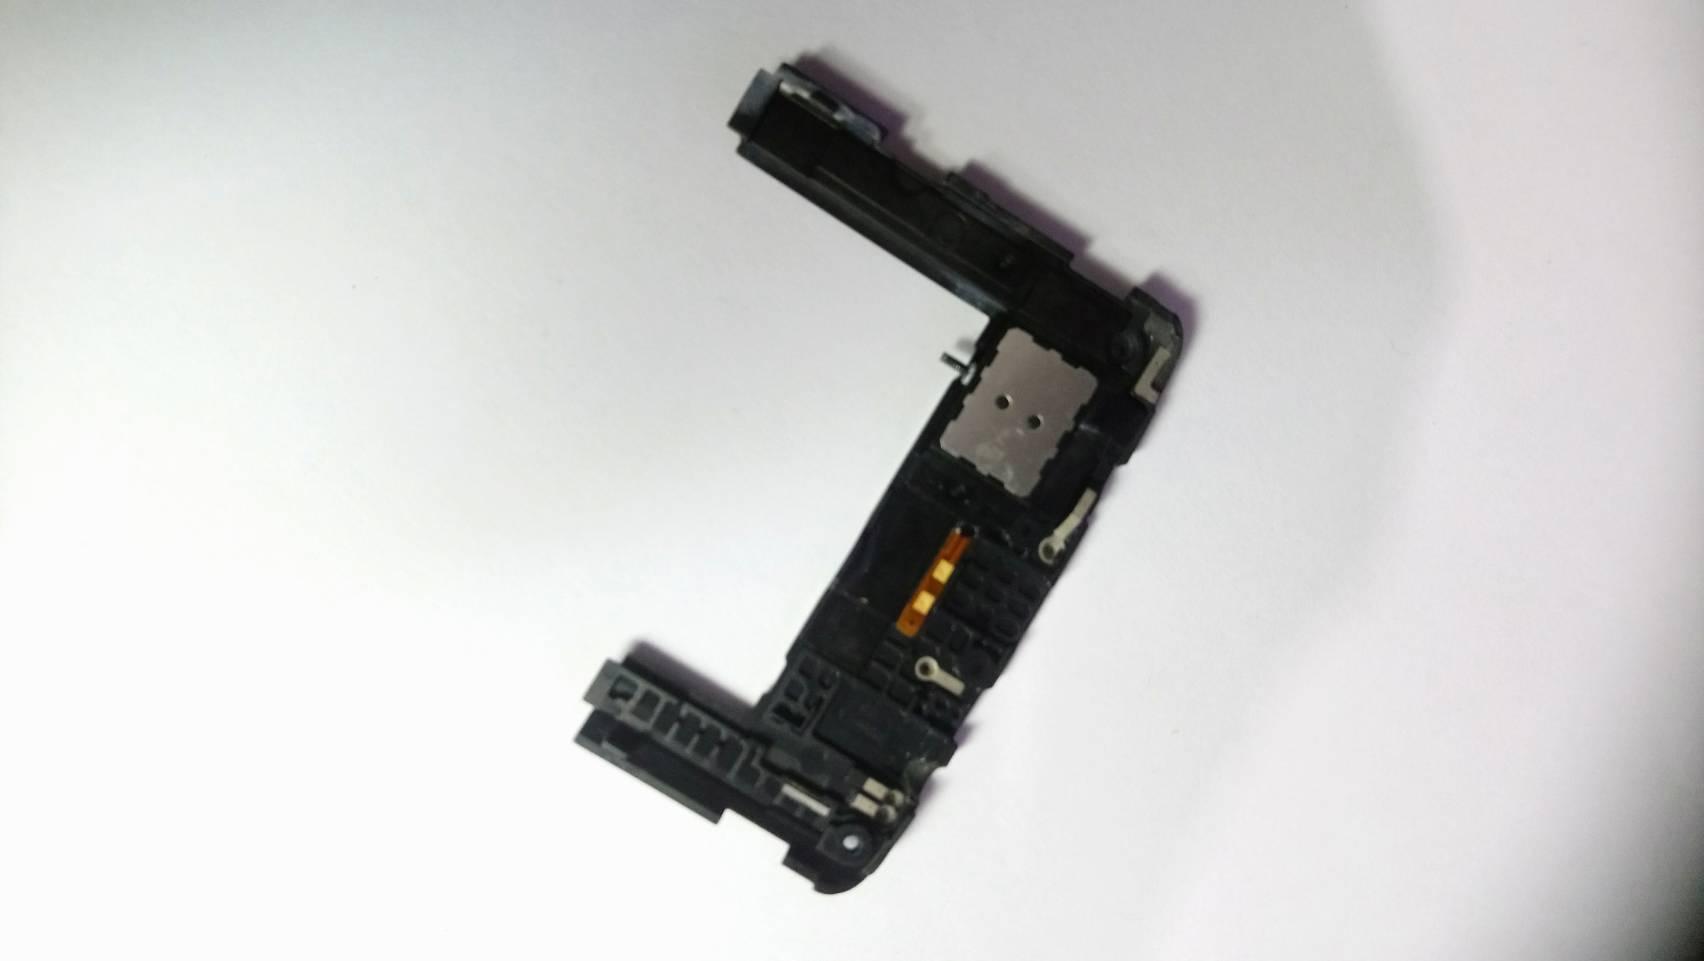 ชุดลำโพงหลัง LG G3 D855 มือสอง